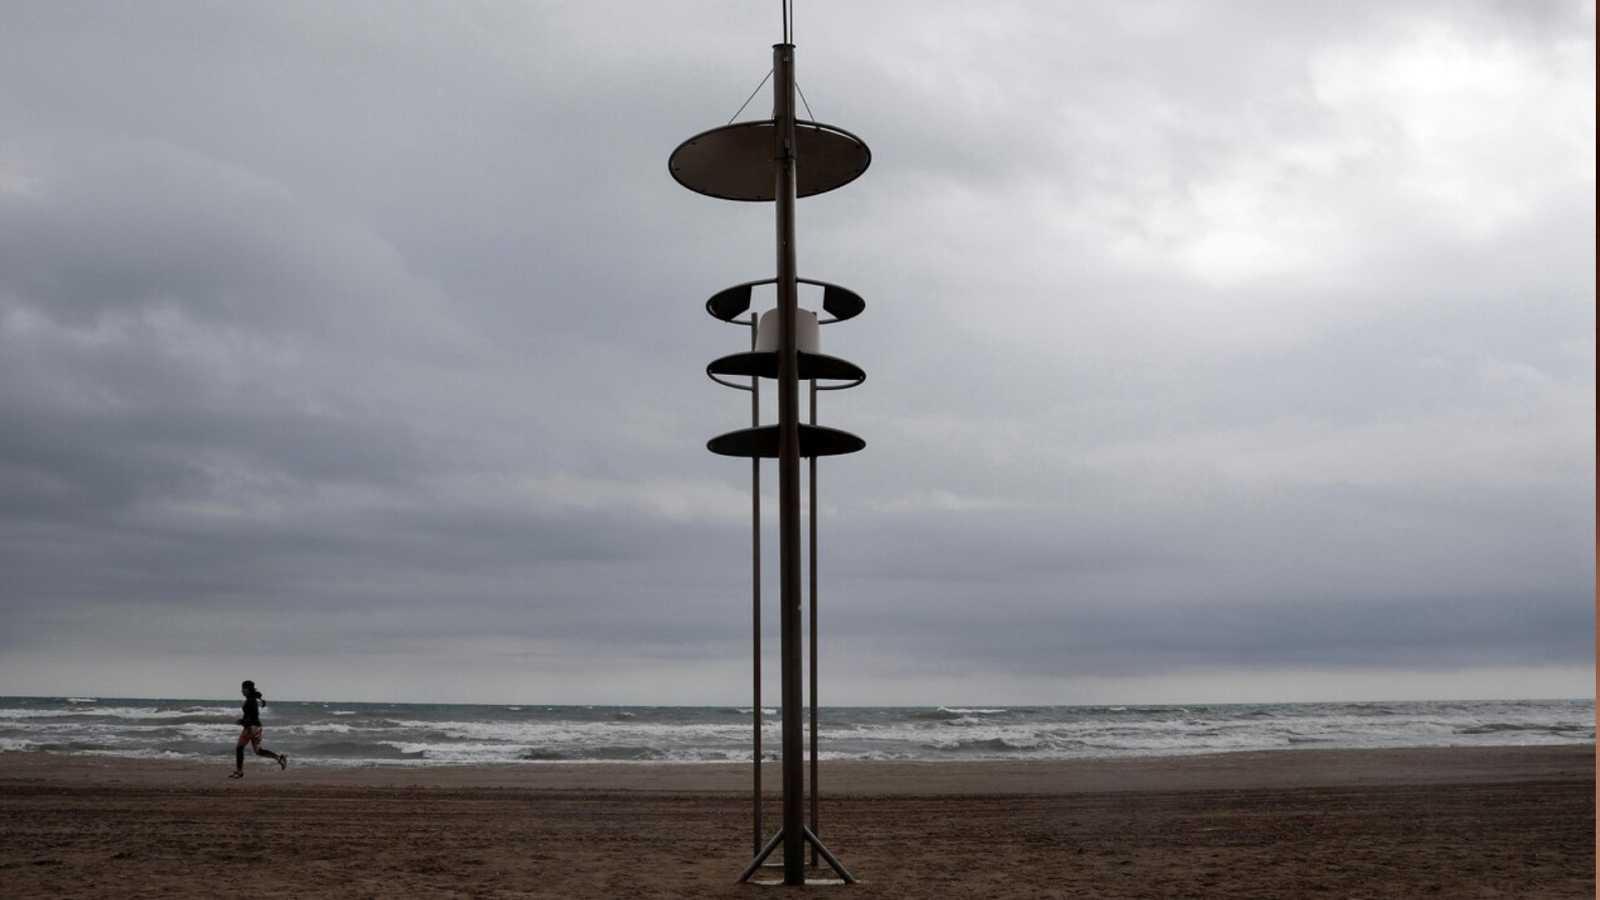 Probables tormentas localmente fuertes en el sur de Castilla y León y puntos del Sistema Ibérico - ver ahora